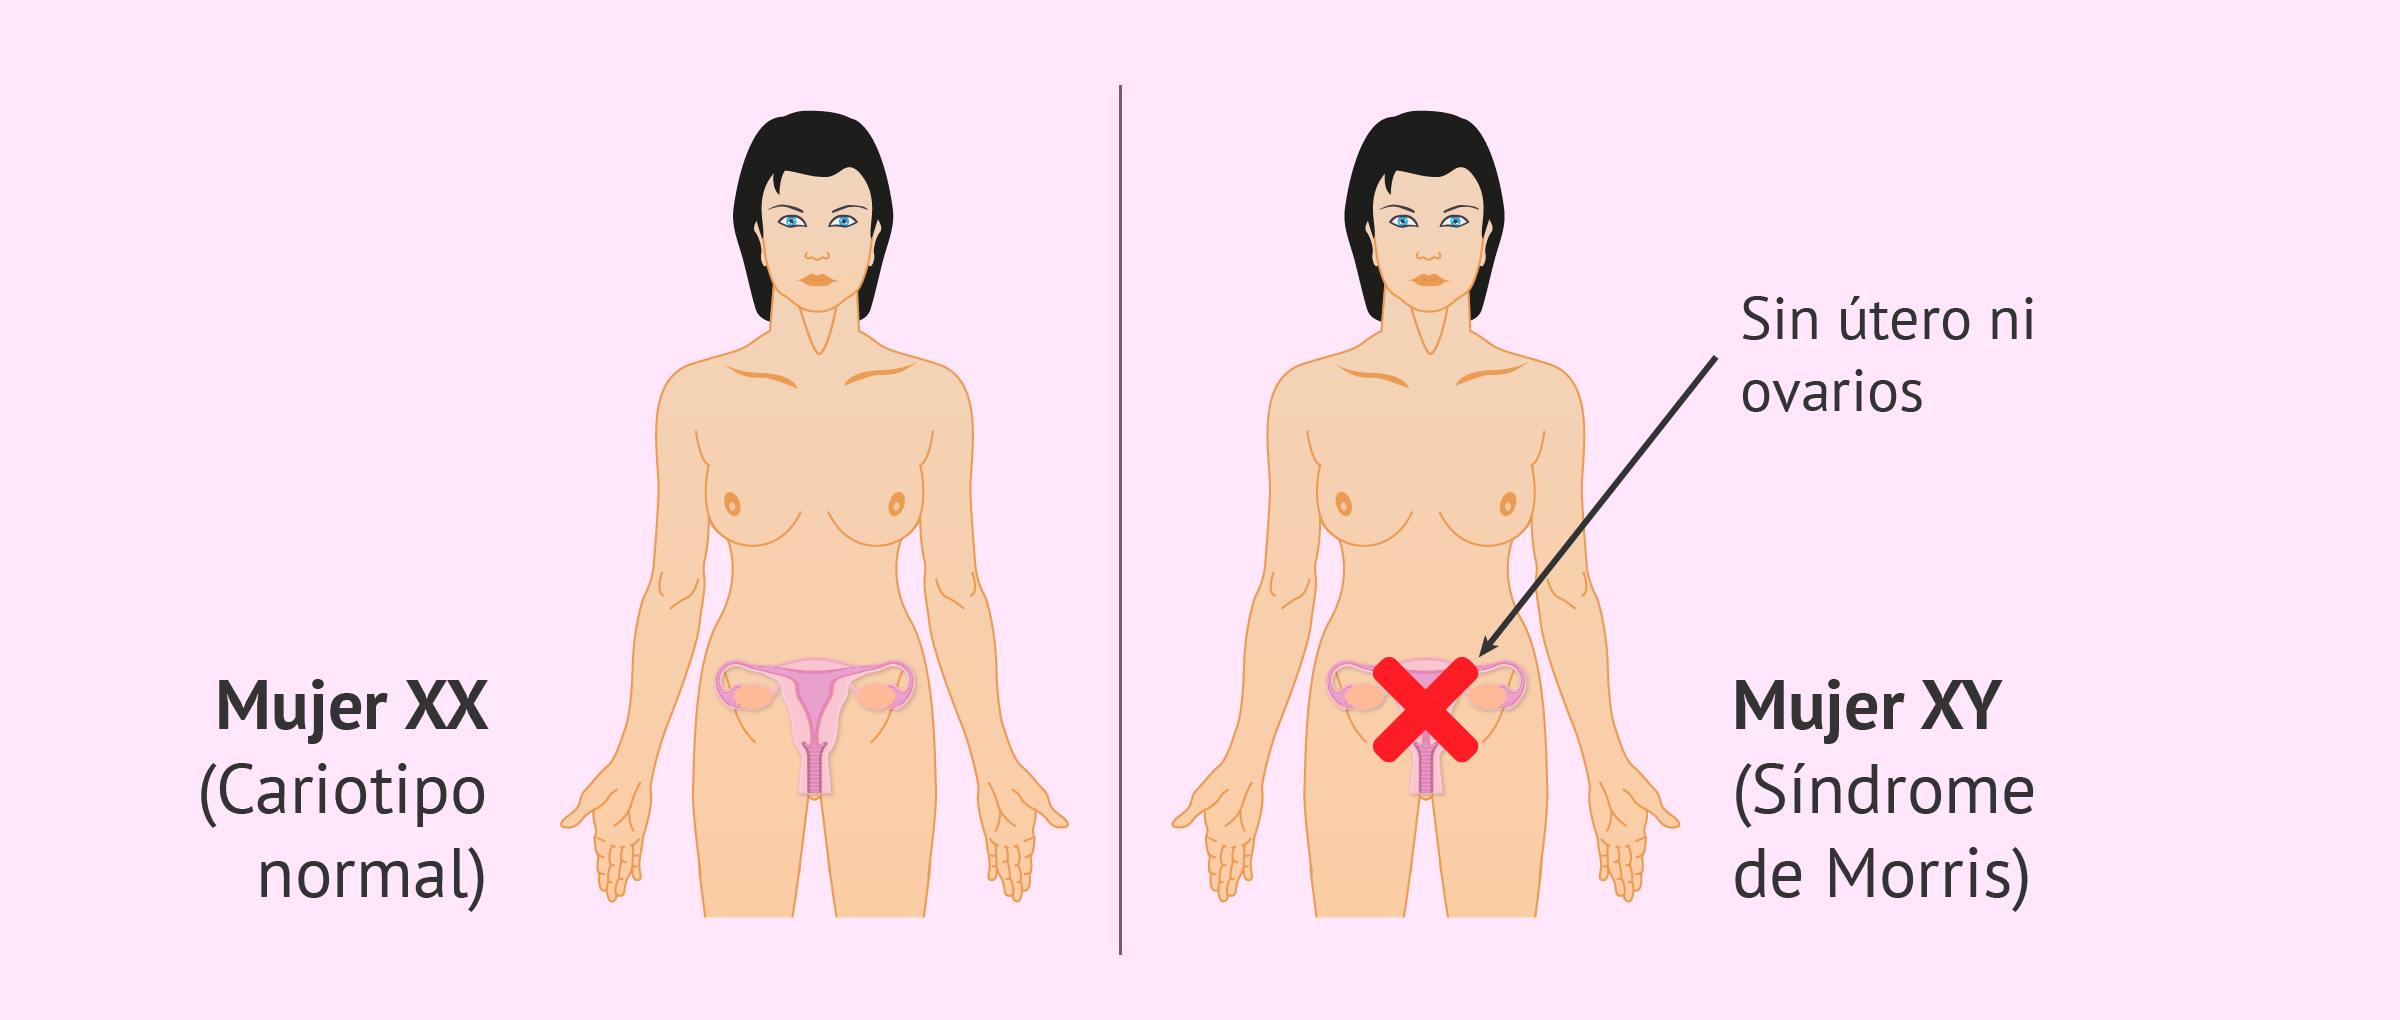 Características de la mujer con síndrome de Morris